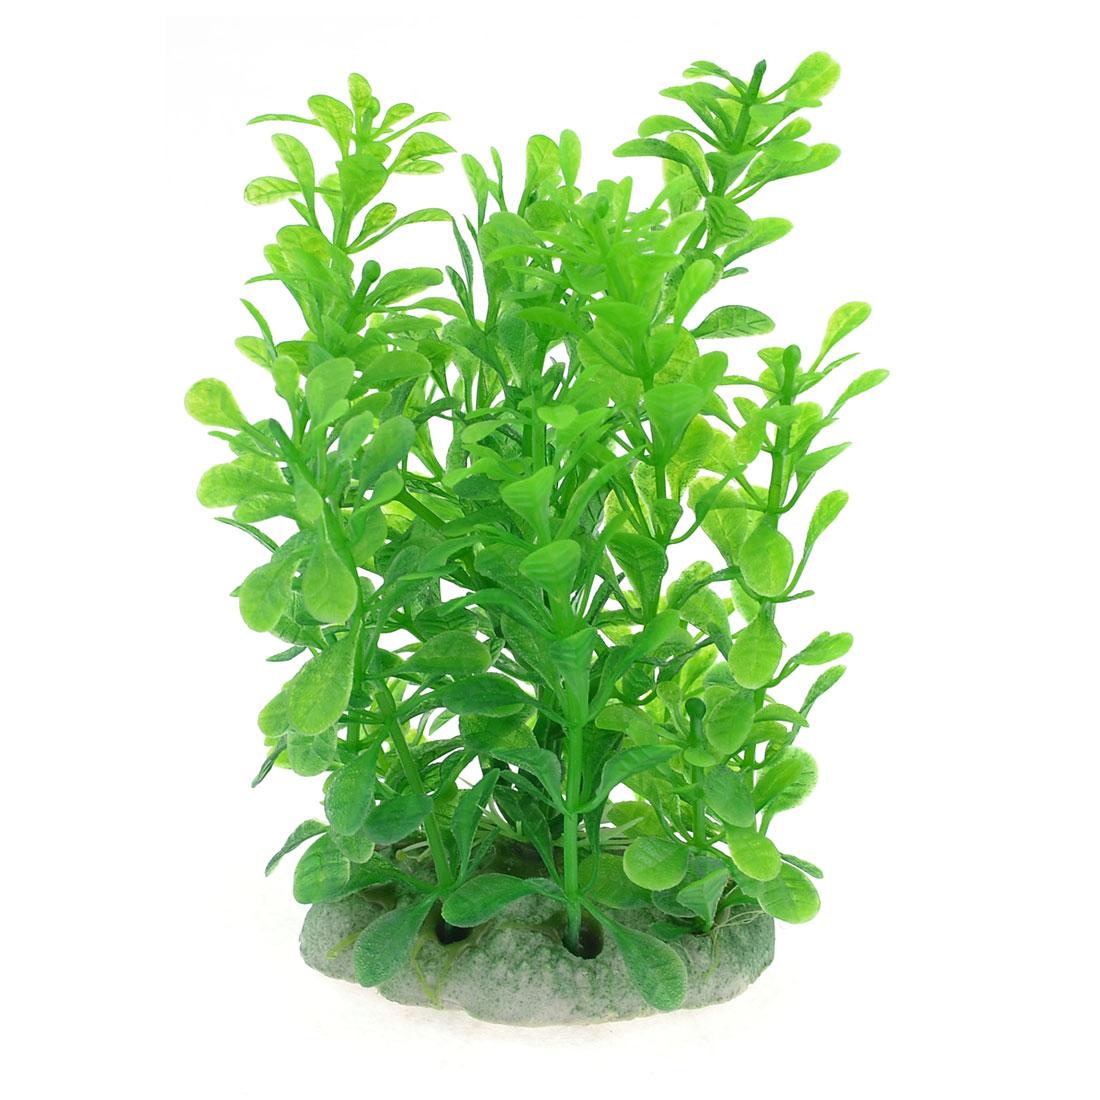 """5.1"""" Height Green Artificial Manmade Aquarium Decor Plastic Grass Plant"""